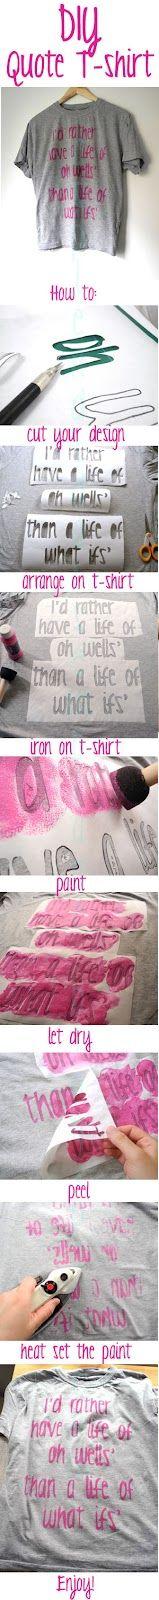 Tshirts :))